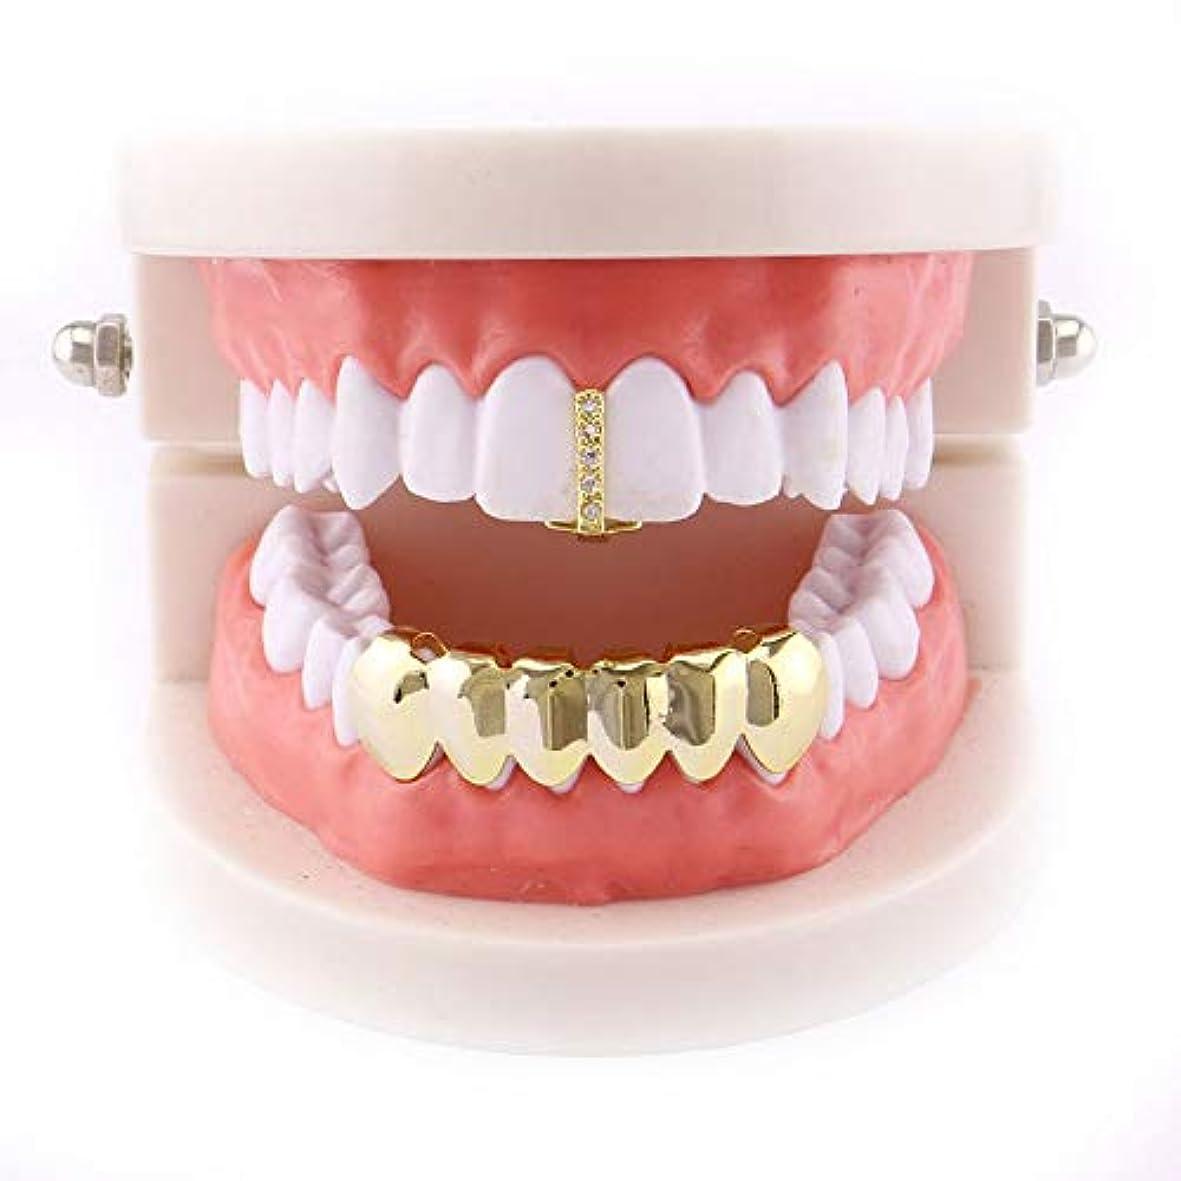 責任二層憂慮すべきマウストップデンタルグリル用 歯グリルヒップホップセット(1トップ&6ボトム)クリスタルCZは男性/女性のギフトのための金/スライバの歯のグリルキャップをアイシングアウト ゴールドメッキヒップホップポーカー歯キャップ (...